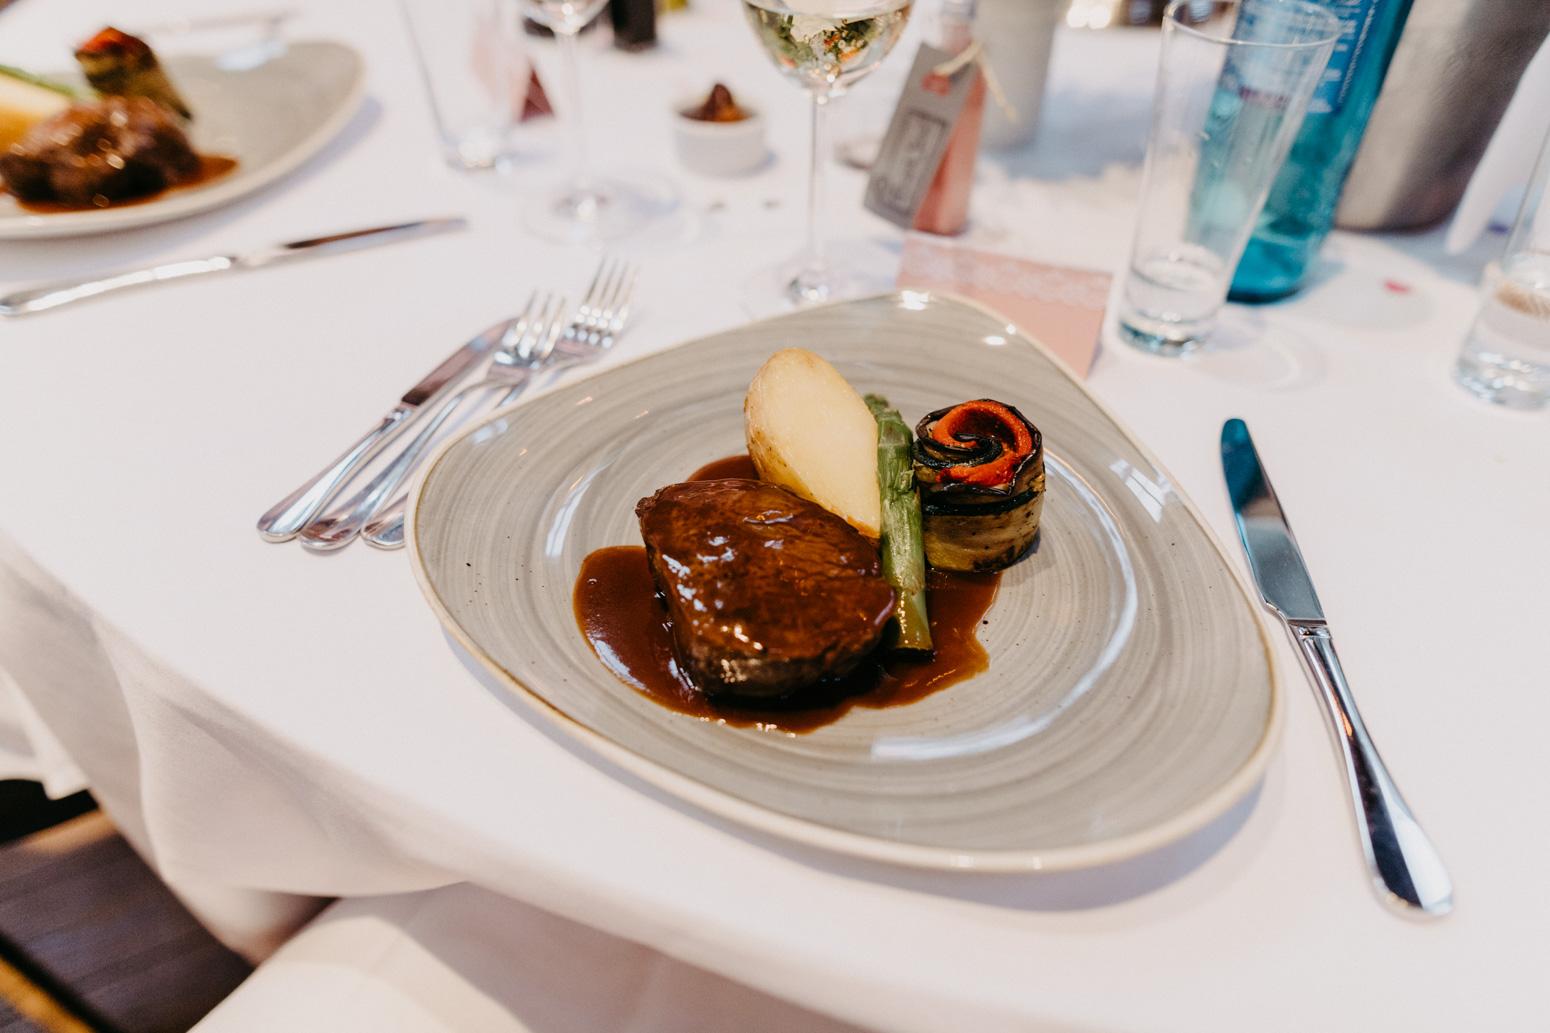 Catering, Hauptspeise des Hochzeitsmenüs in der kleinen Beethovenhalle in Bad Godesberg. Hochzeitsreportage von Daria Becker von Genuine Bonds NRW